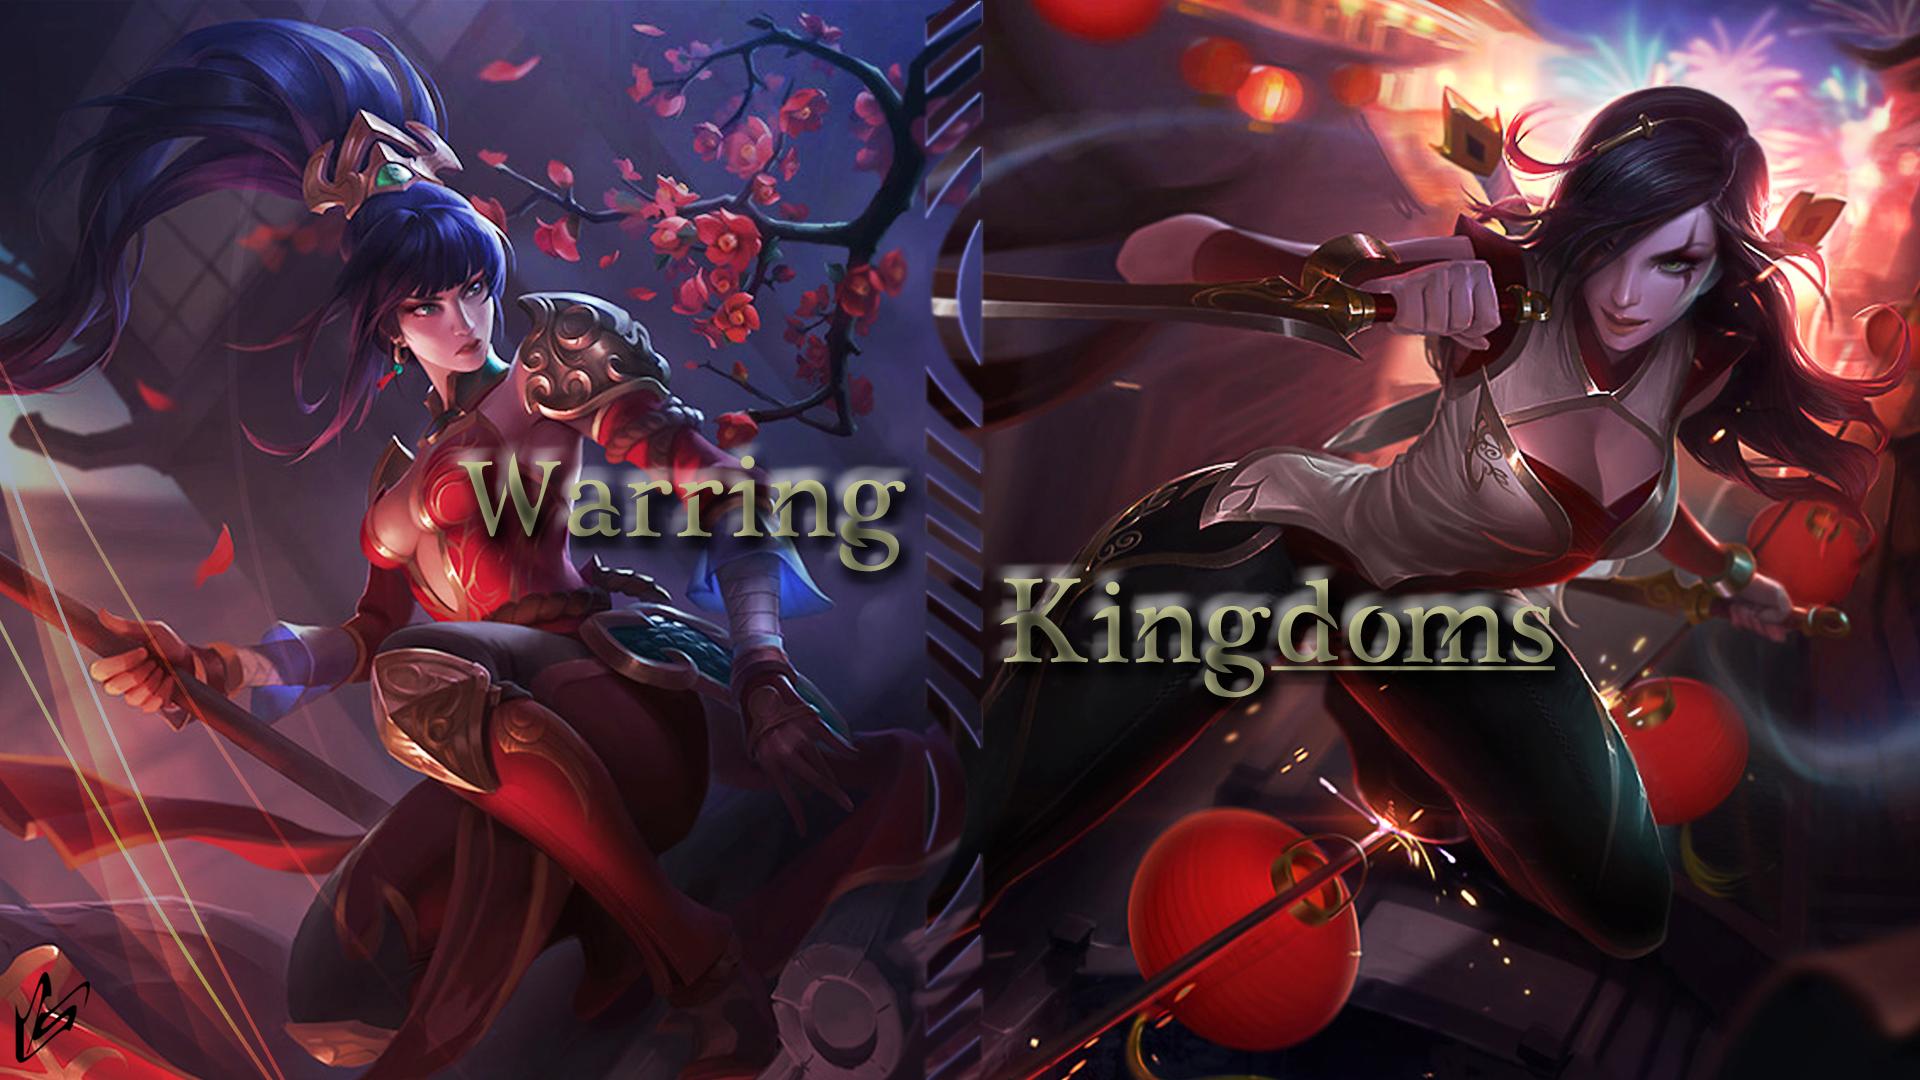 Warring Kingdoms Nidalee & Katarina wallpaper